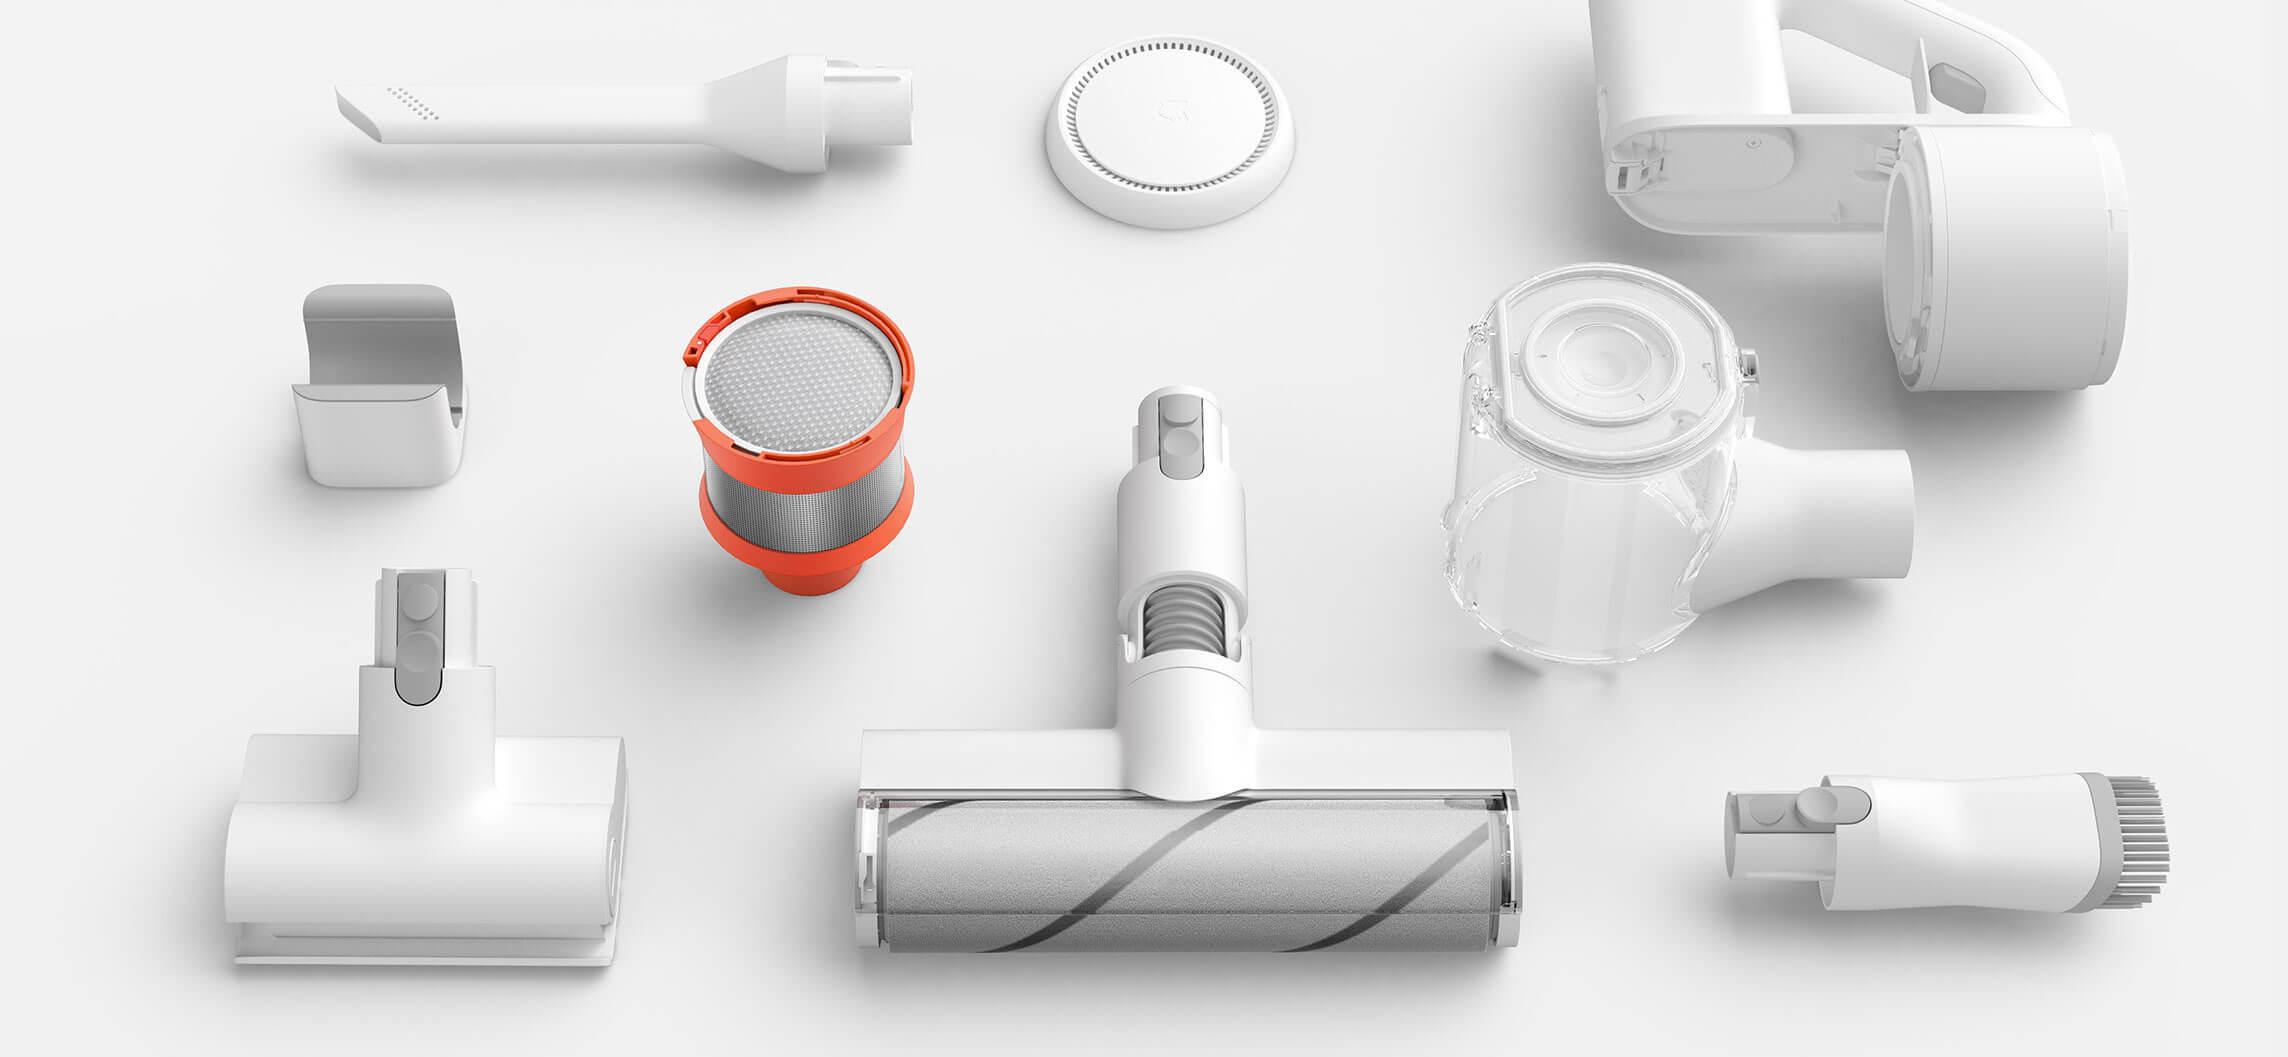 Xiaomi Mi Handheld Vacuum Cleaner výběr z mnoha kartáčů